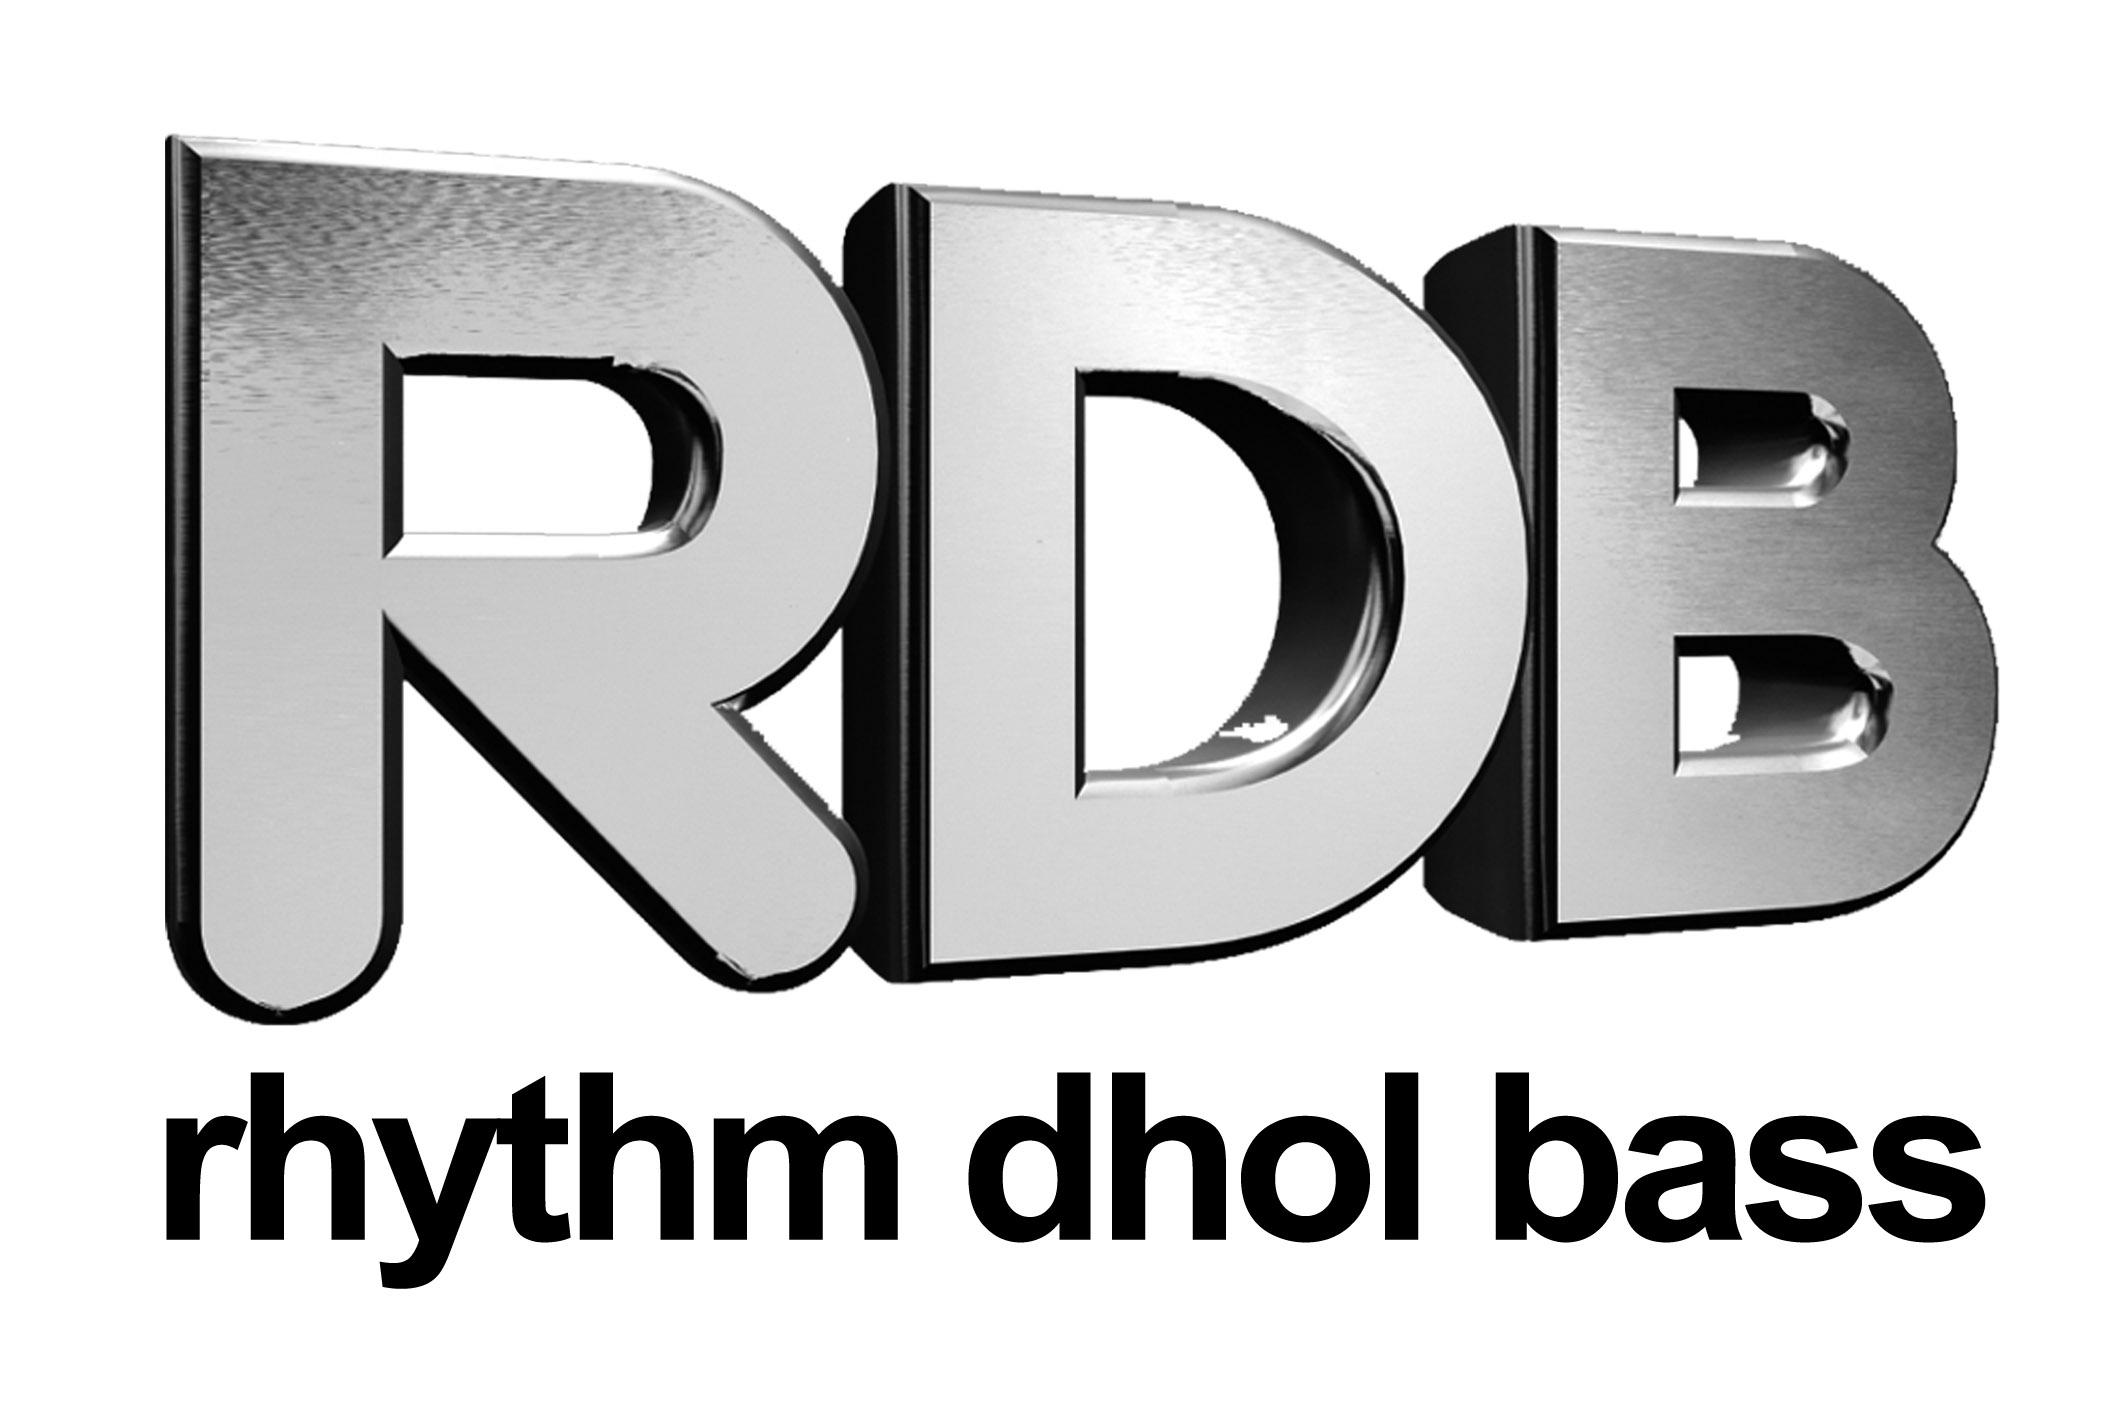 RDB (band) - Wikipedia